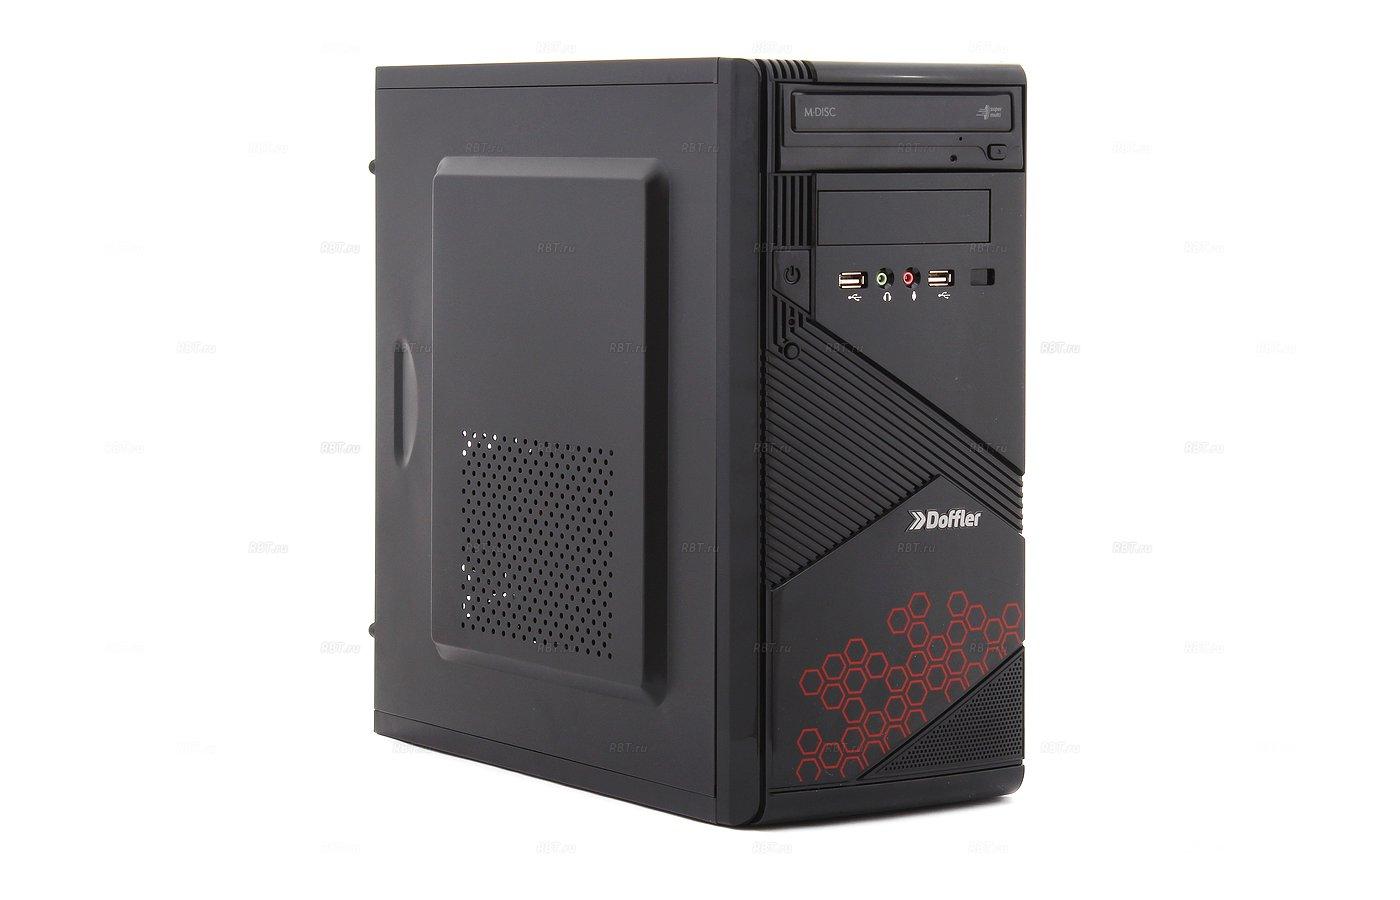 Системный блок Doffler i001R Game intel i5 520M x2 2.4Gh/8Gb/1Tb/R7 360 2Gb DDR5/DVDRW/DOS